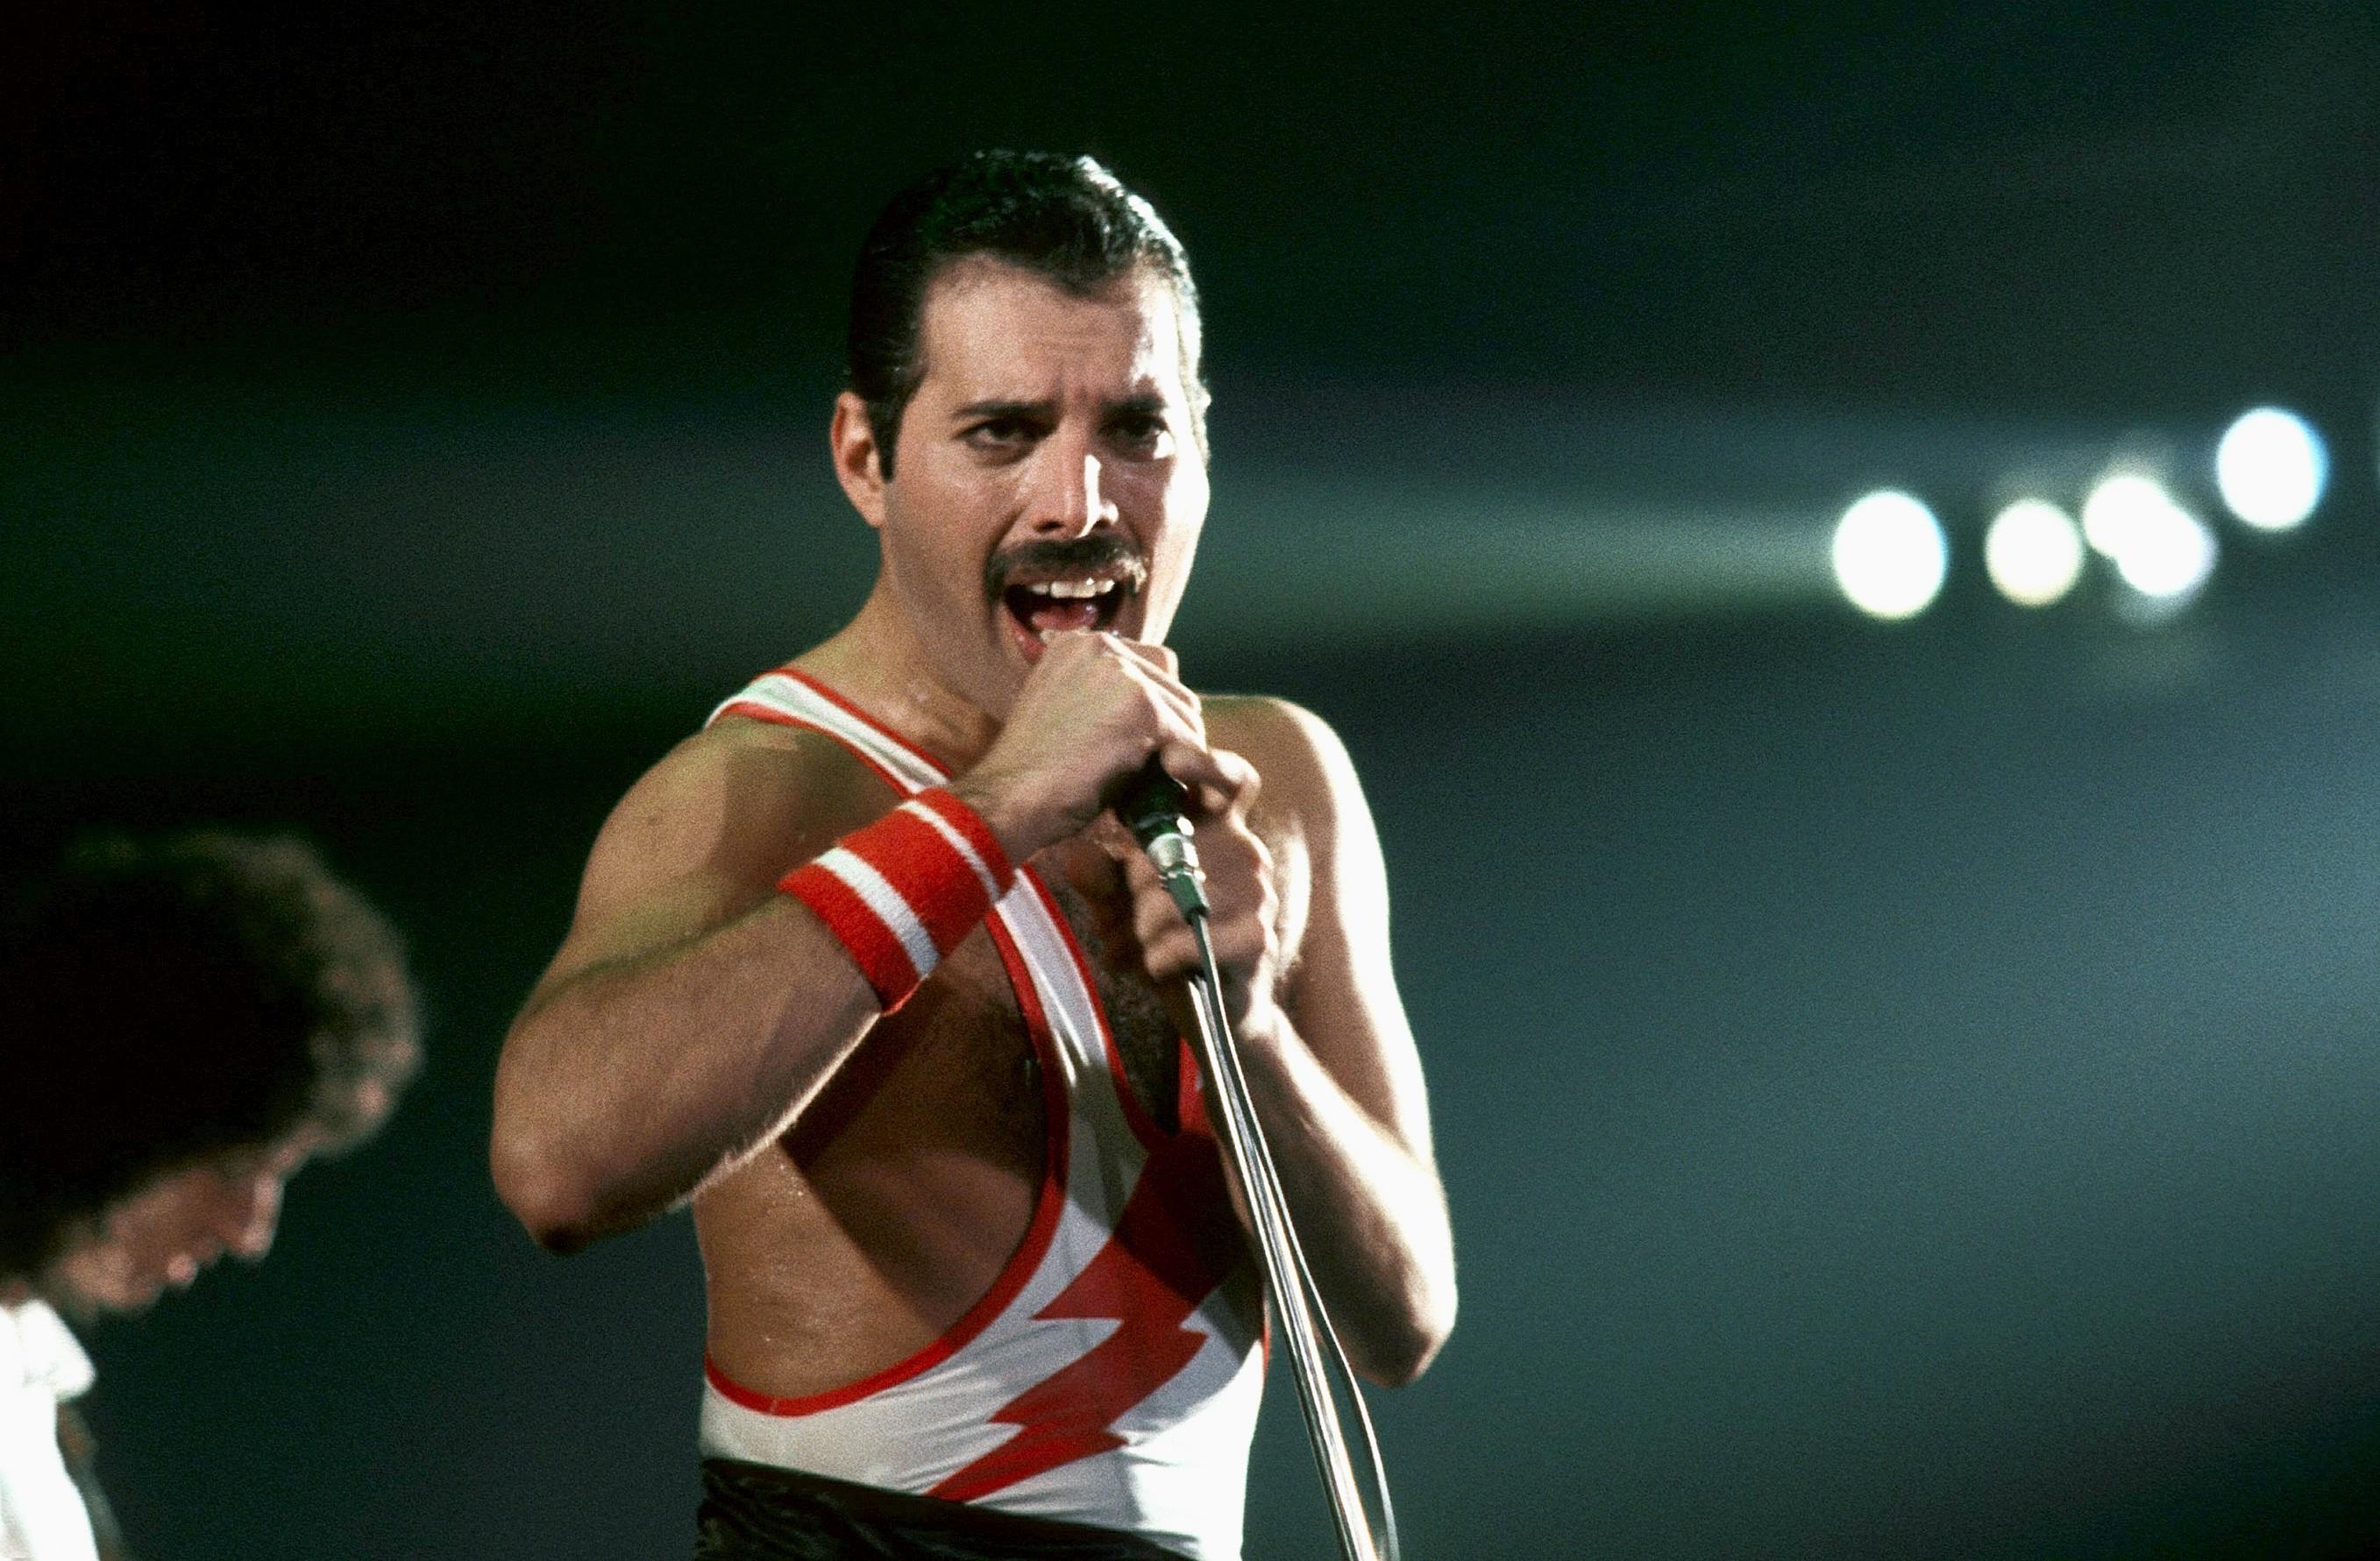 Freddie Mercury nació en el Shangani Govt Hospital de la isla de Zanzíbar entonces un protectorado británico y actualmente parte de Tanzania a una distancia de